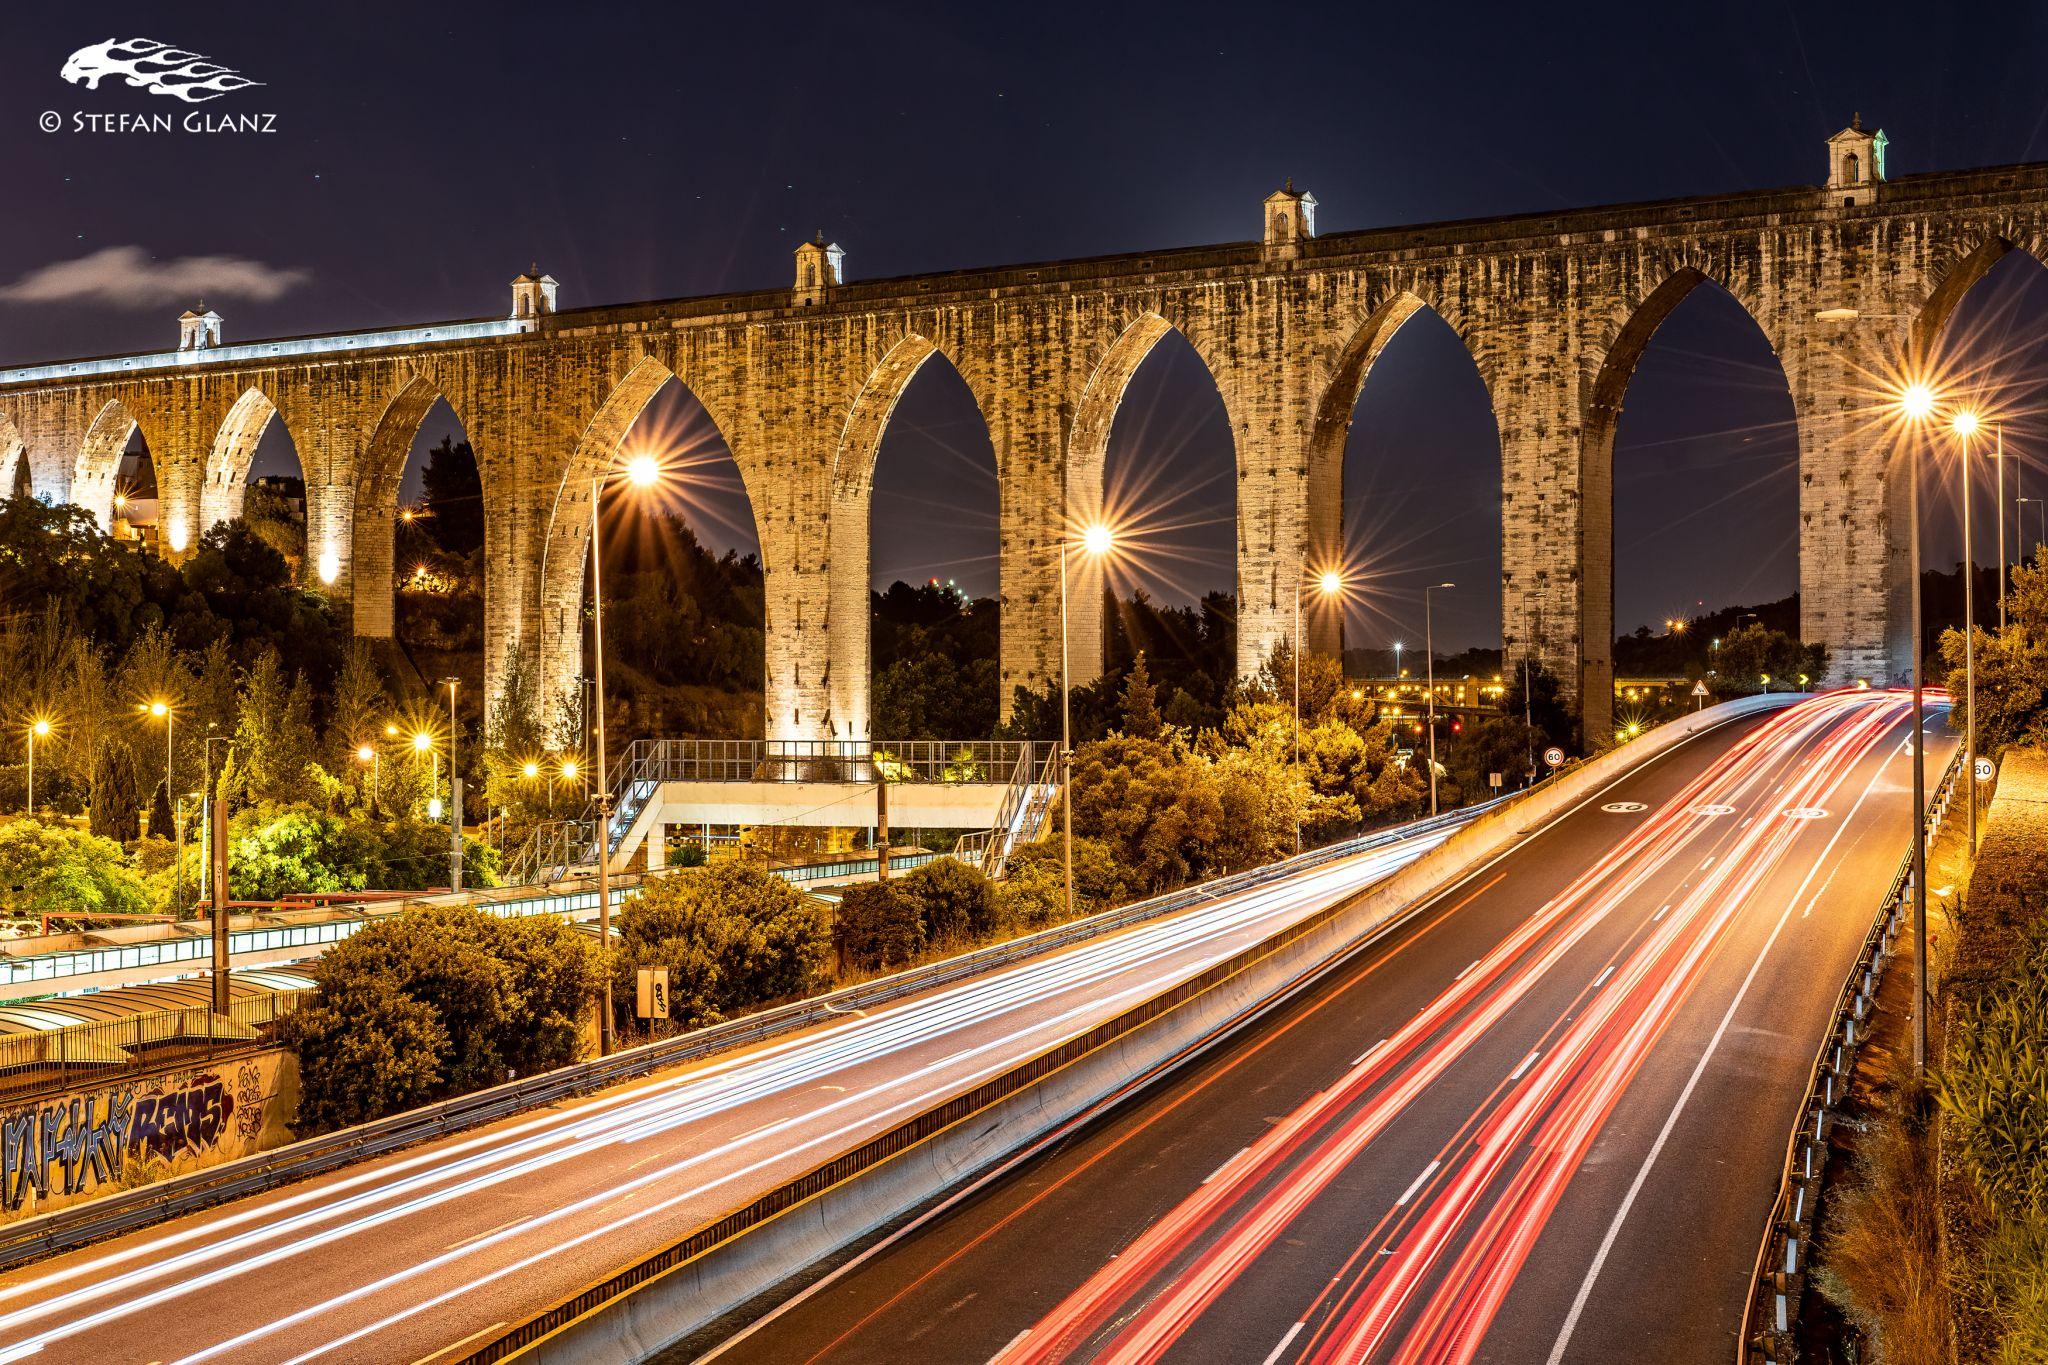 Aqueduto das Aguas Livres, Portugal